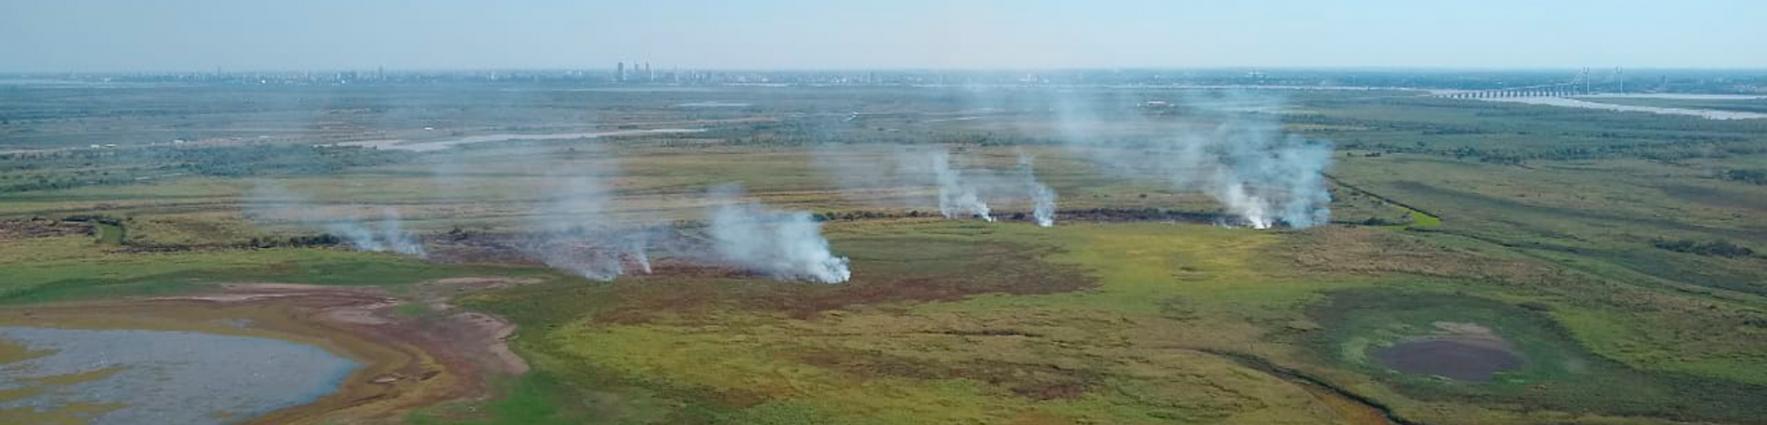 Focos de incendios en las islas frente a Rosario